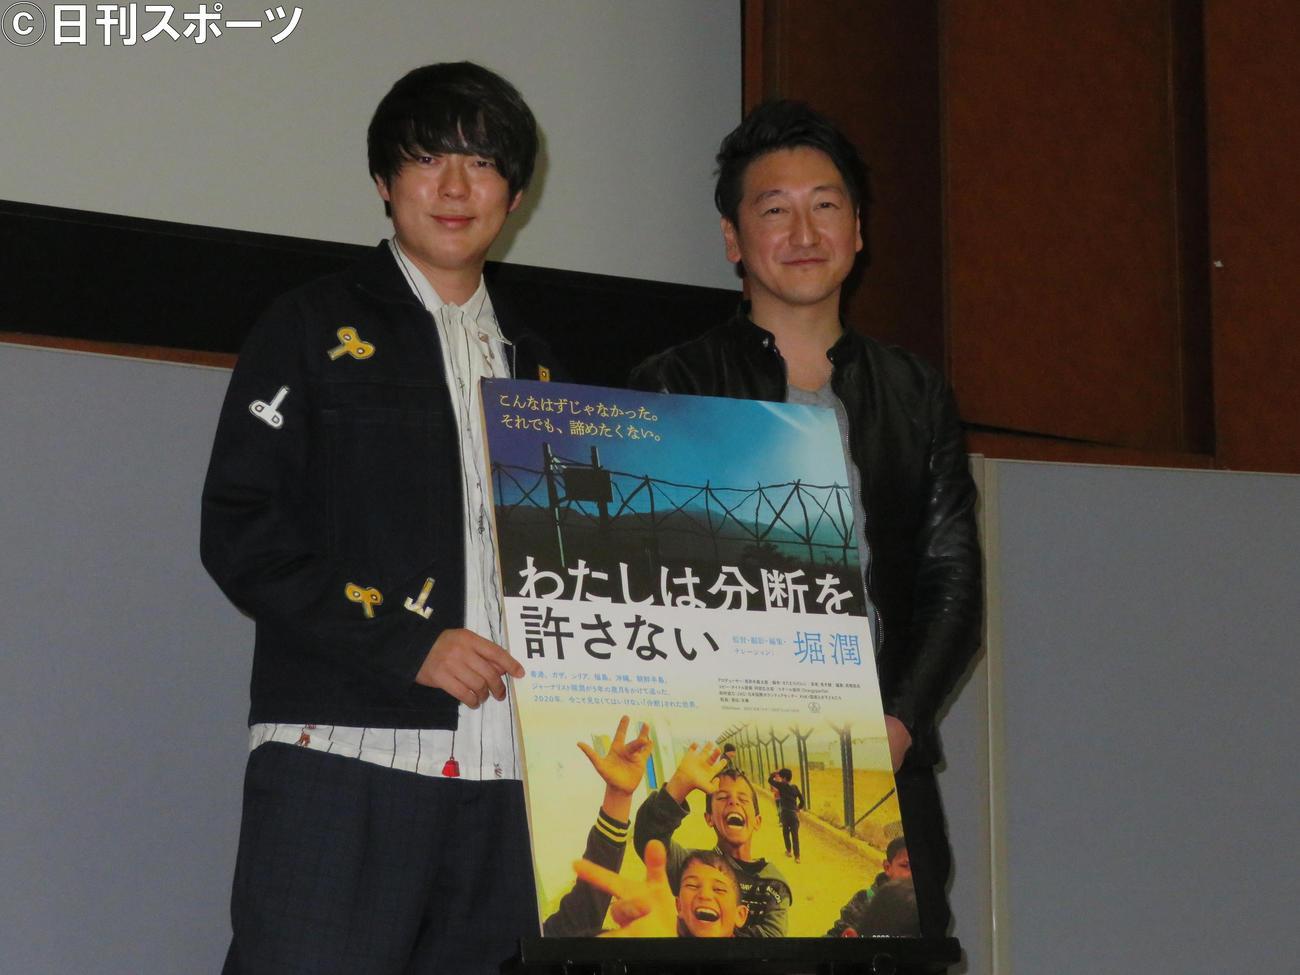 映画「わたしは分断を許さない」のイベントを行った村本大輔(左)と堀潤監督